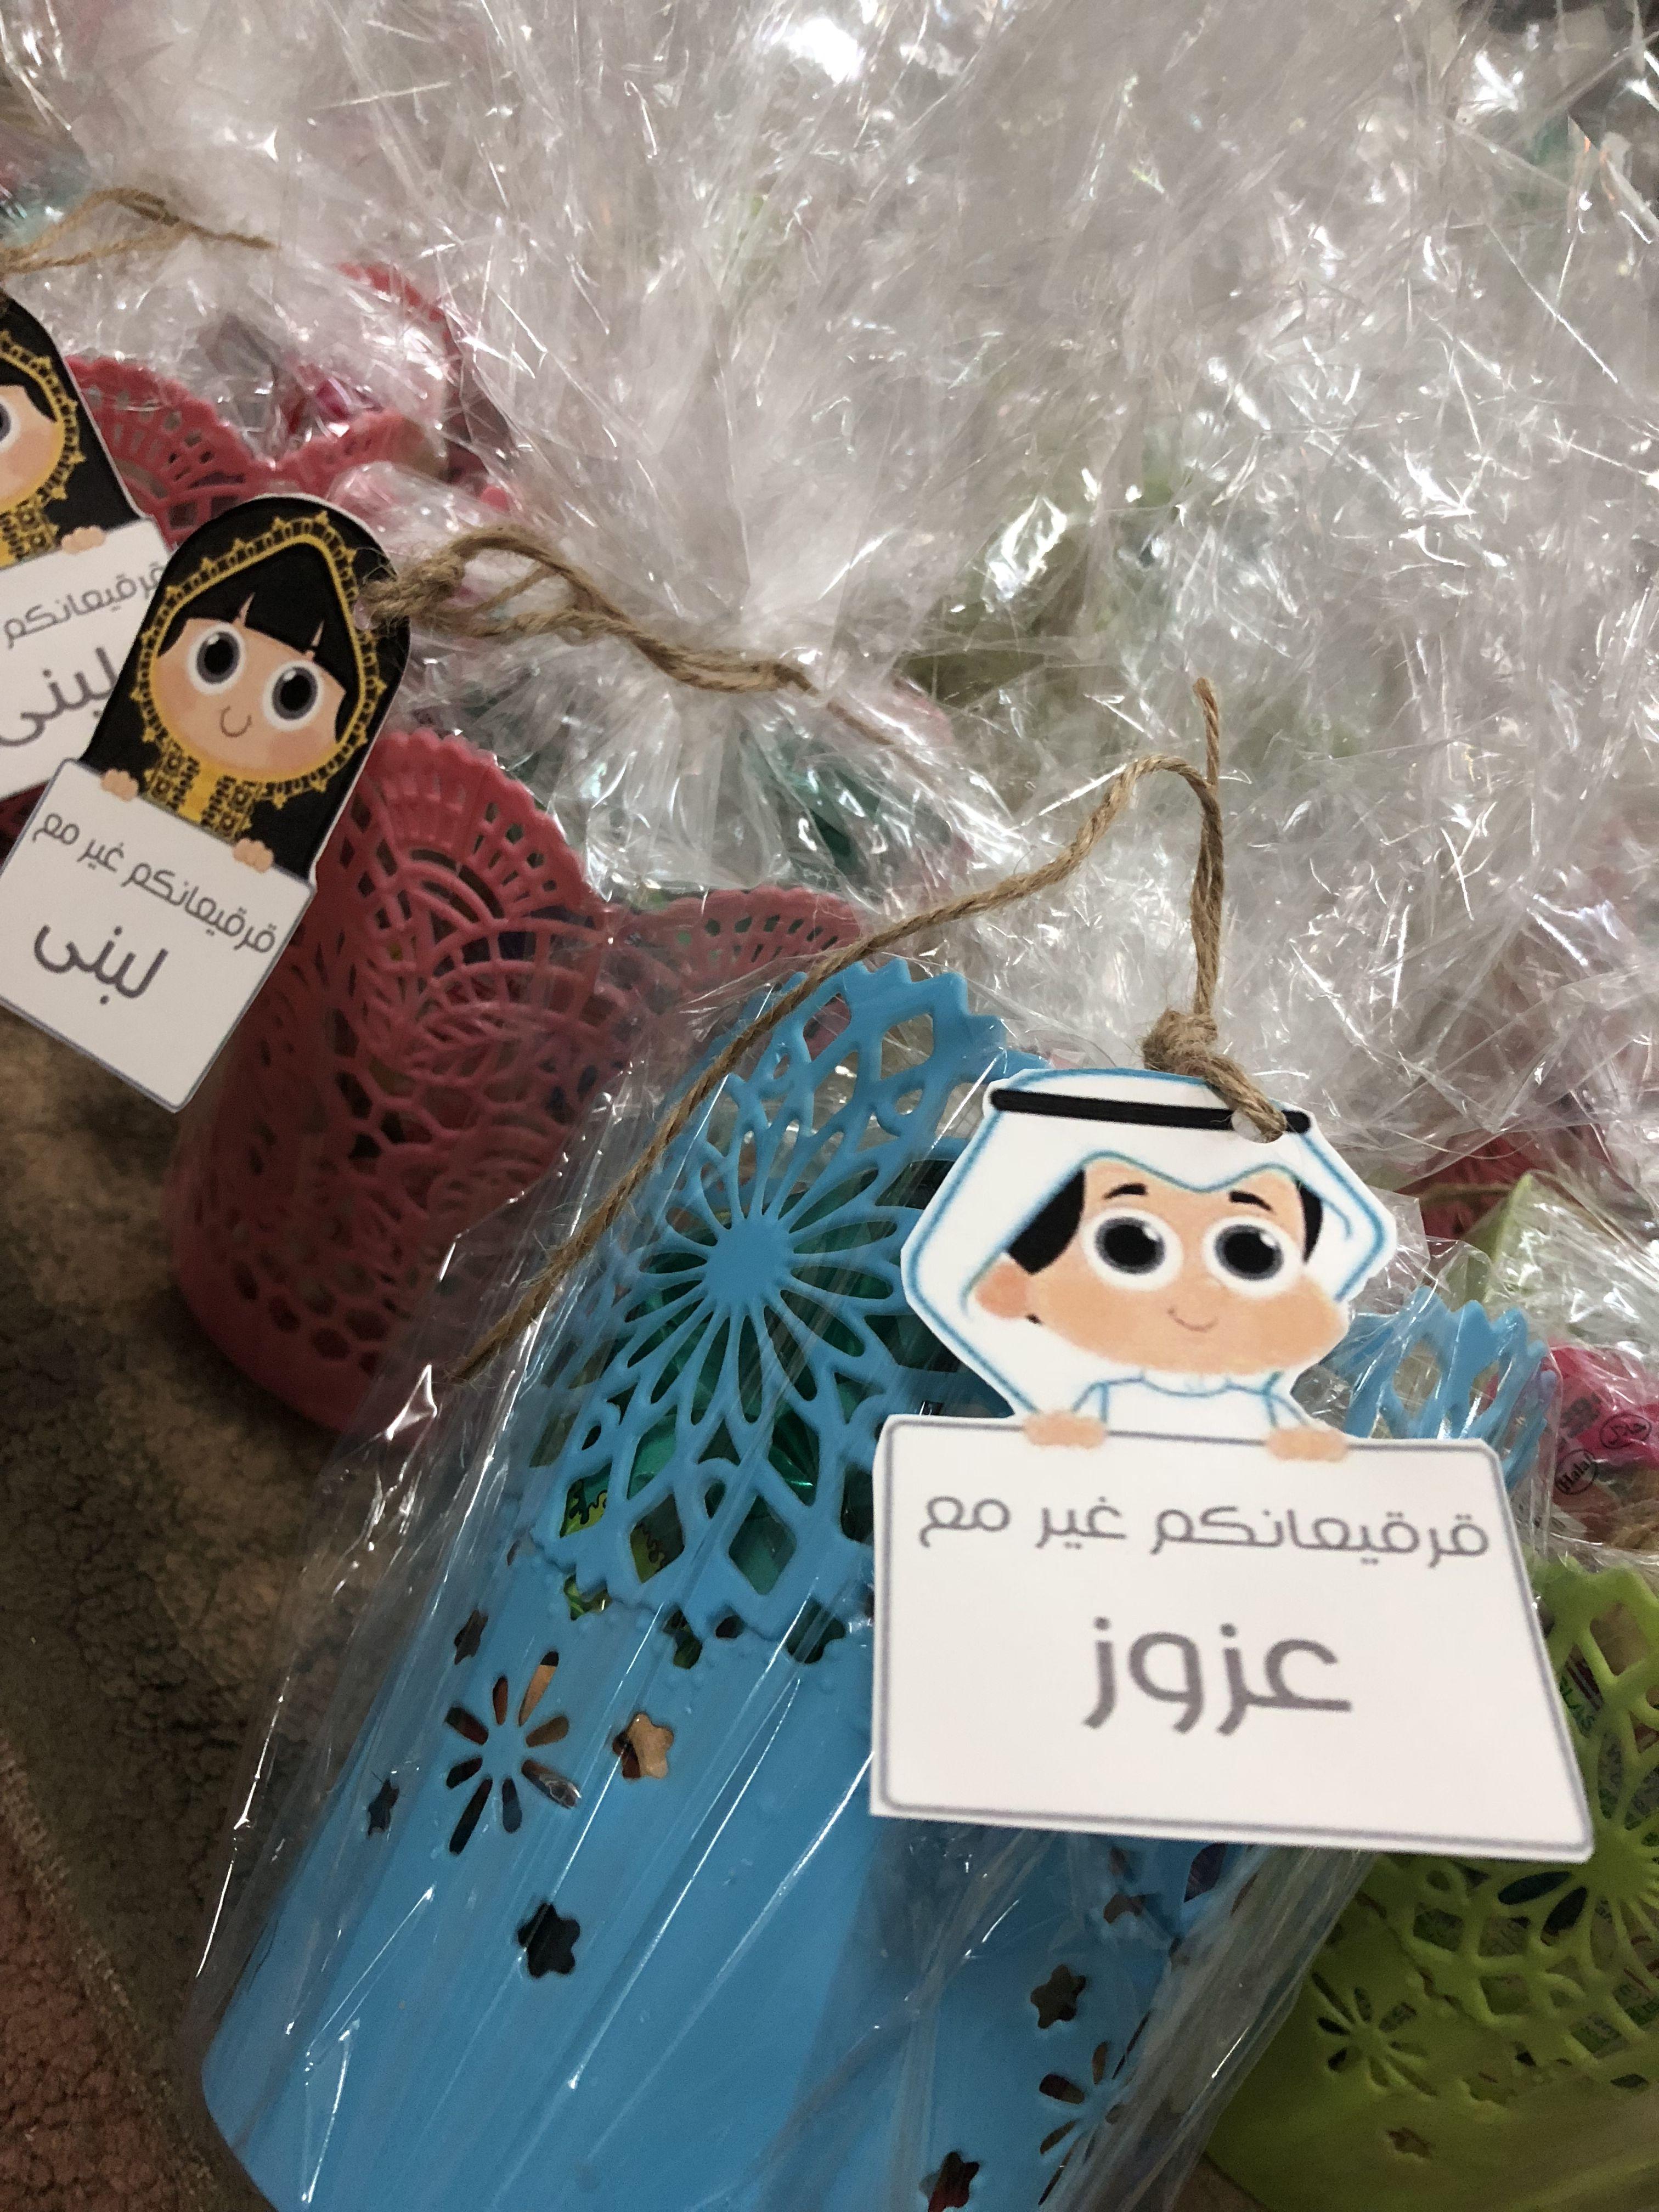 عيديه رمضان كريم هلال توزيعات رمضان قرقيعان Christmas Ornaments Novelty Christmas Holiday Decor